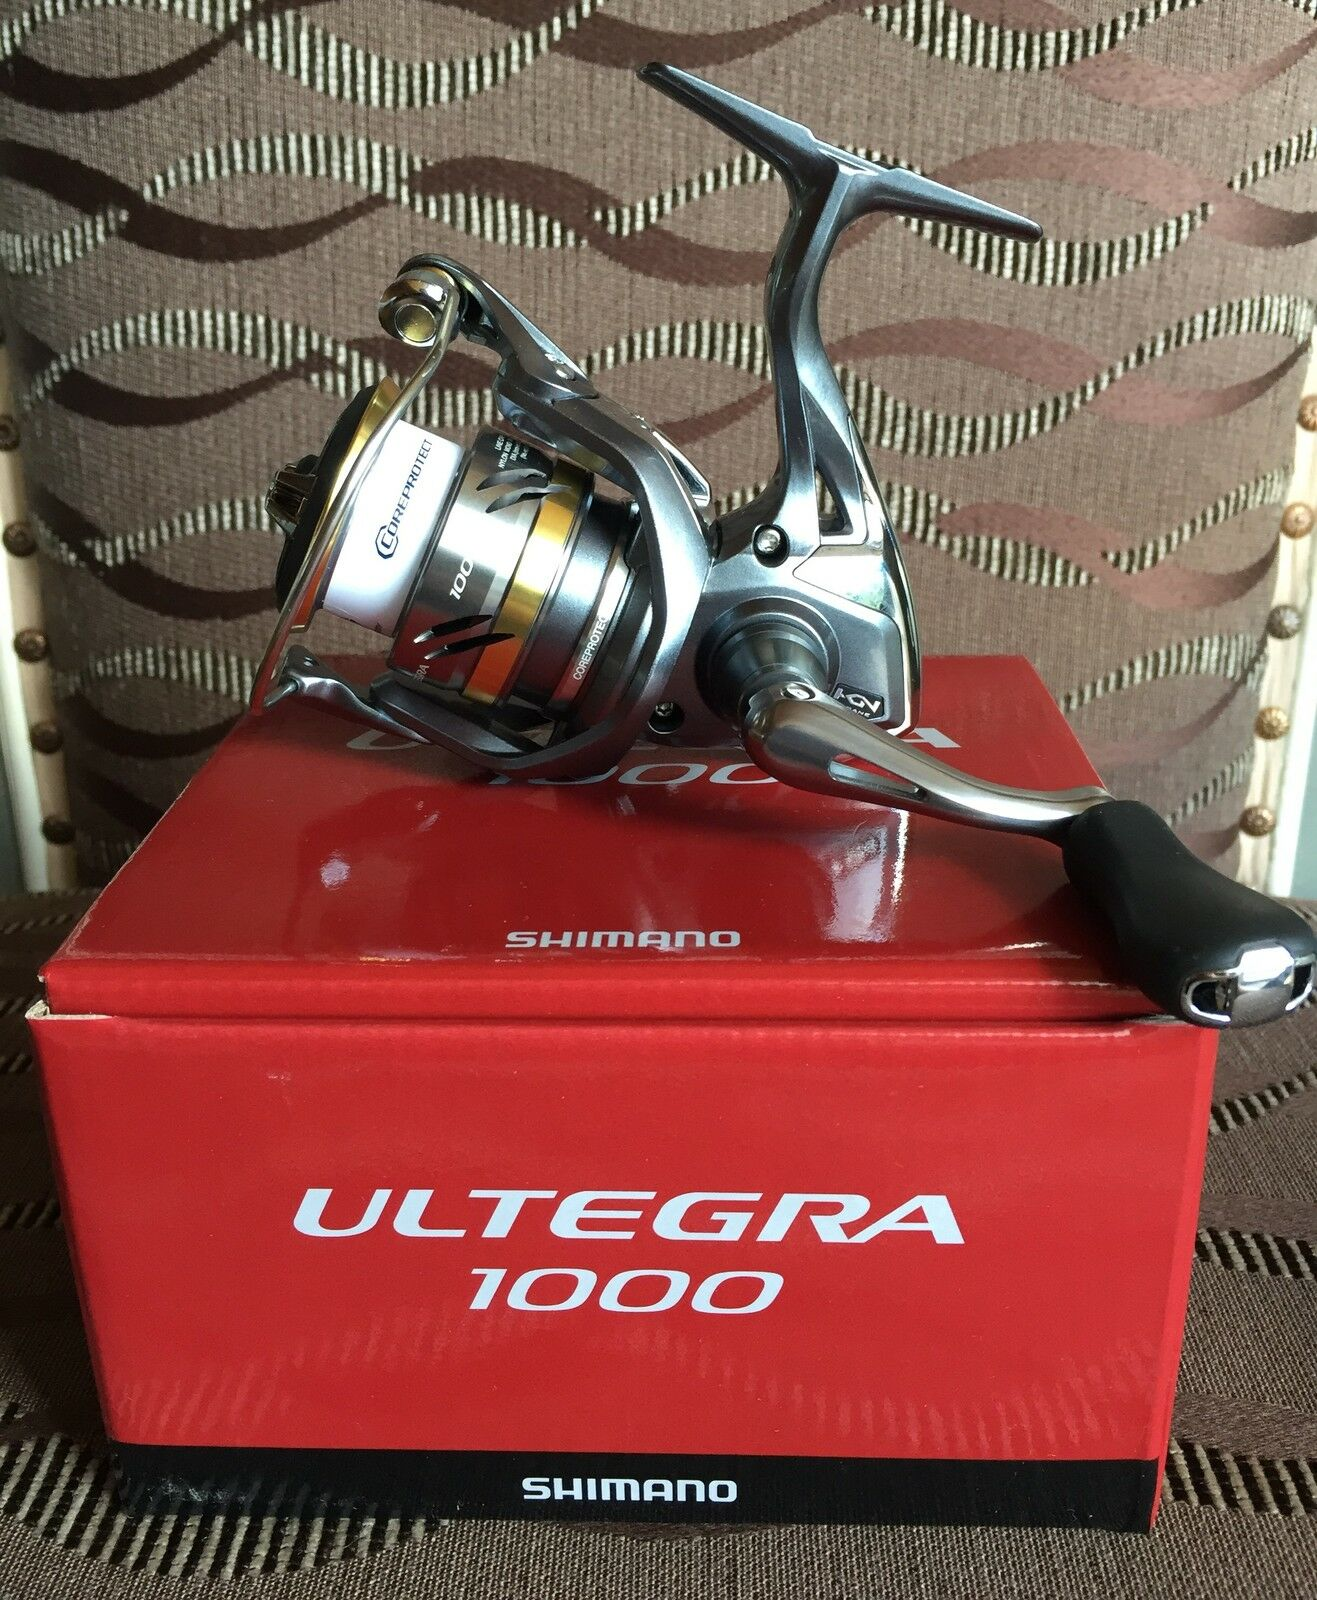 Shimano Ultegra Ultegra Shimano 1000 FB Spinnrolle 131fcd